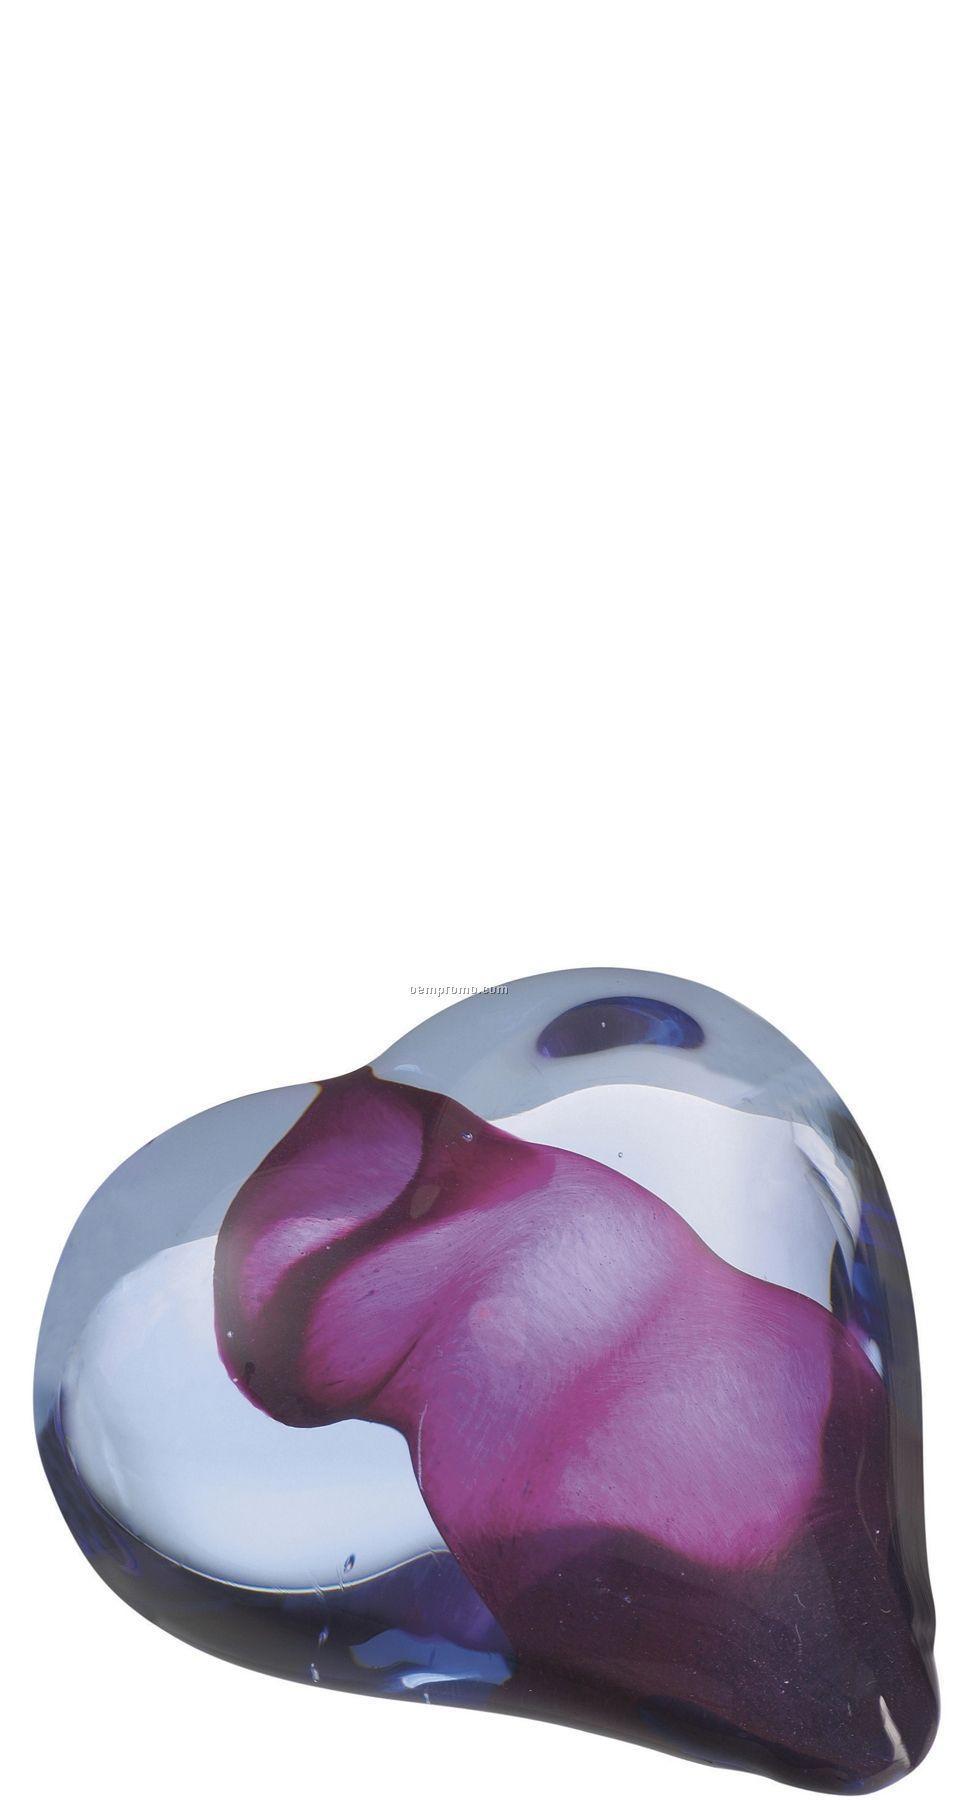 Heartbeat Glass Sculpture By Bertil Vallien